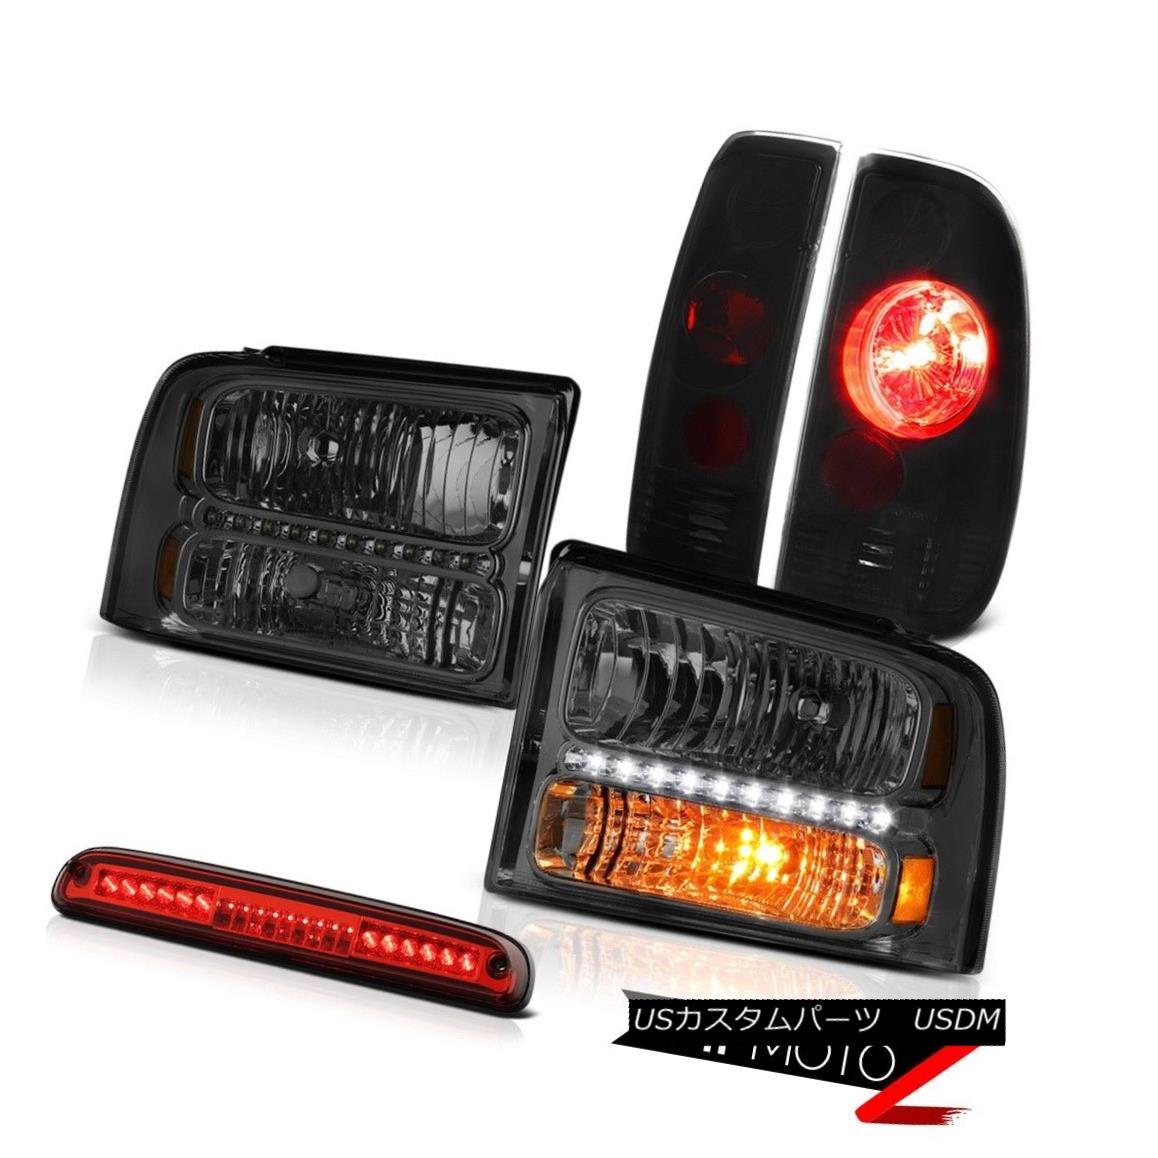 ヘッドライト 05 06 07 F350 Amarillo Smoke Headlights Sinister Black Brake Lamps High Stop LED 05 06 07 F350アマリロ煙のヘッドライト灰色の黒いブレーキランプハイストップLED